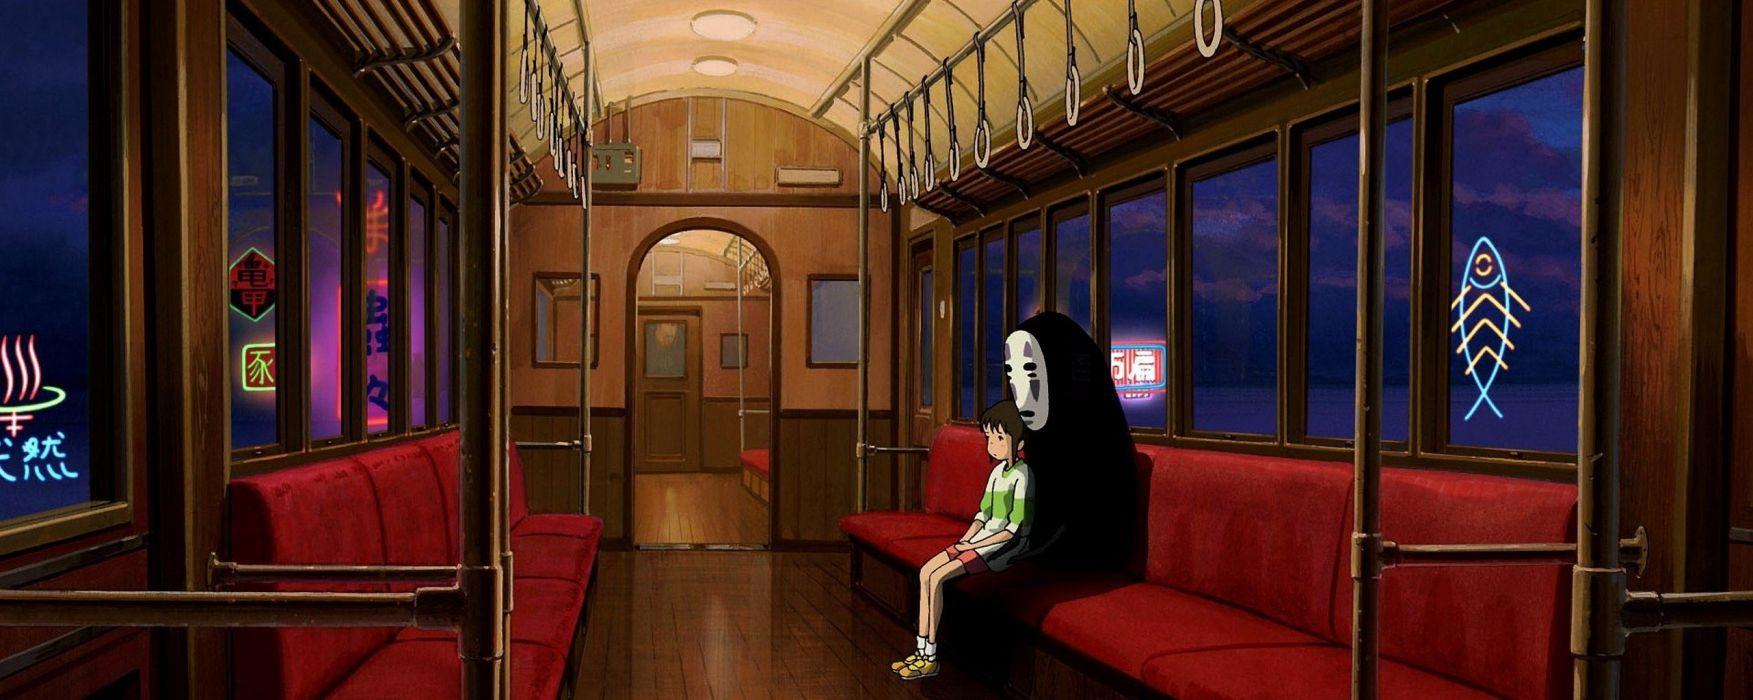 Hayao Miyazaki Spirited Away Studio Ghibli wallpaper